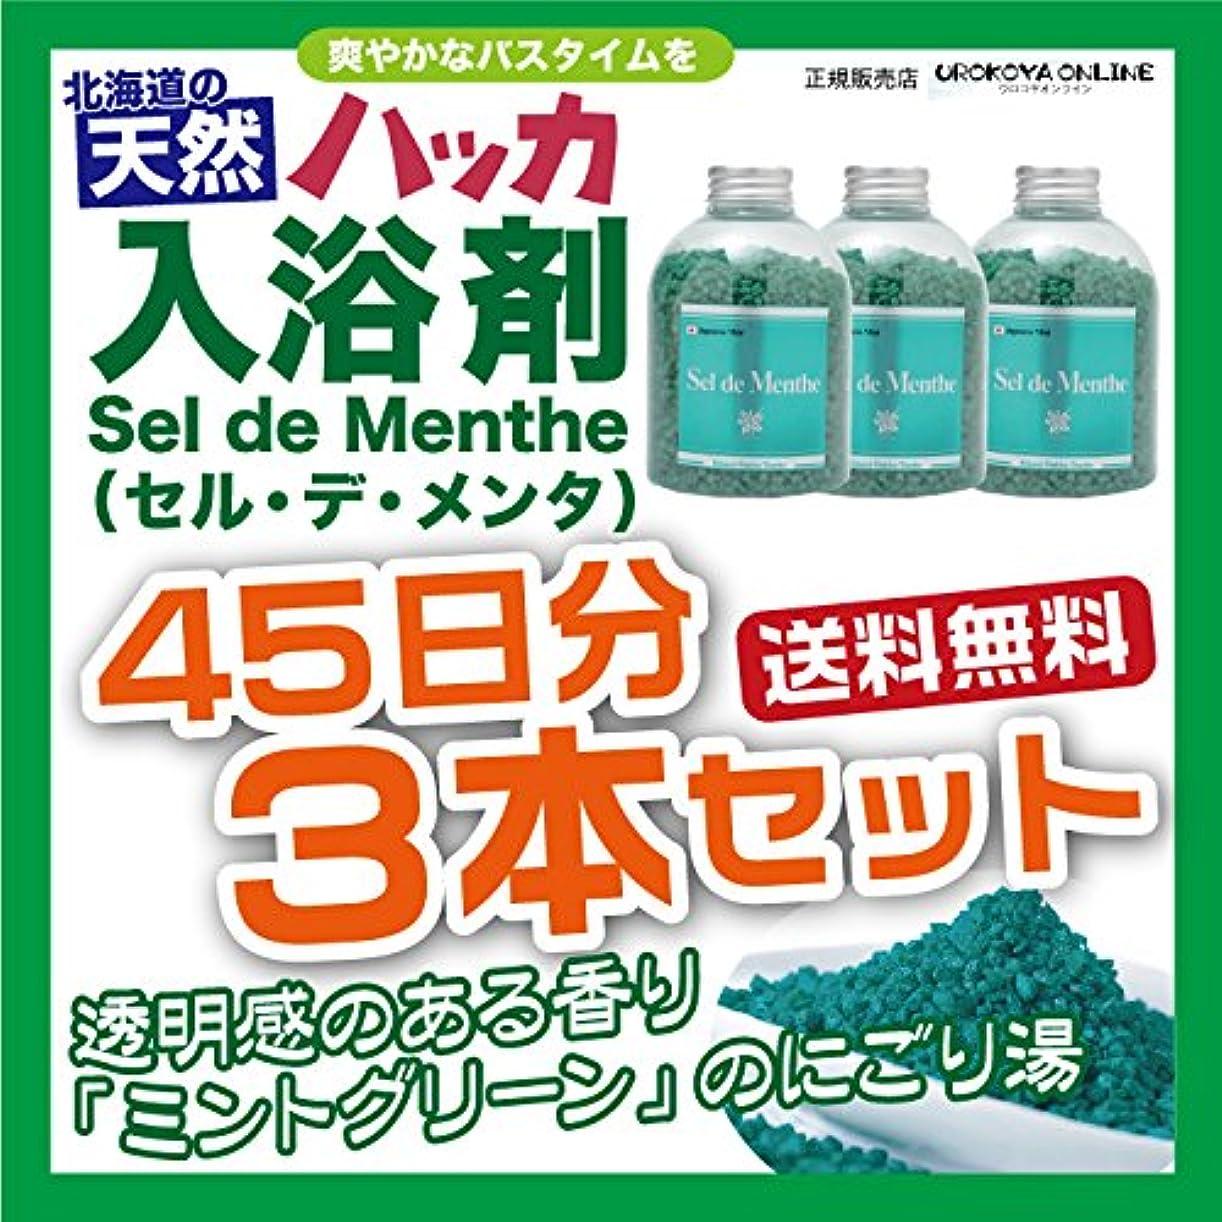 インタラクションうねる値する【3本セット】北見ハッカ通商 入浴剤Sel de Menthe(セル?デ?メンタ)徳用ボトル 3本セット 1350g